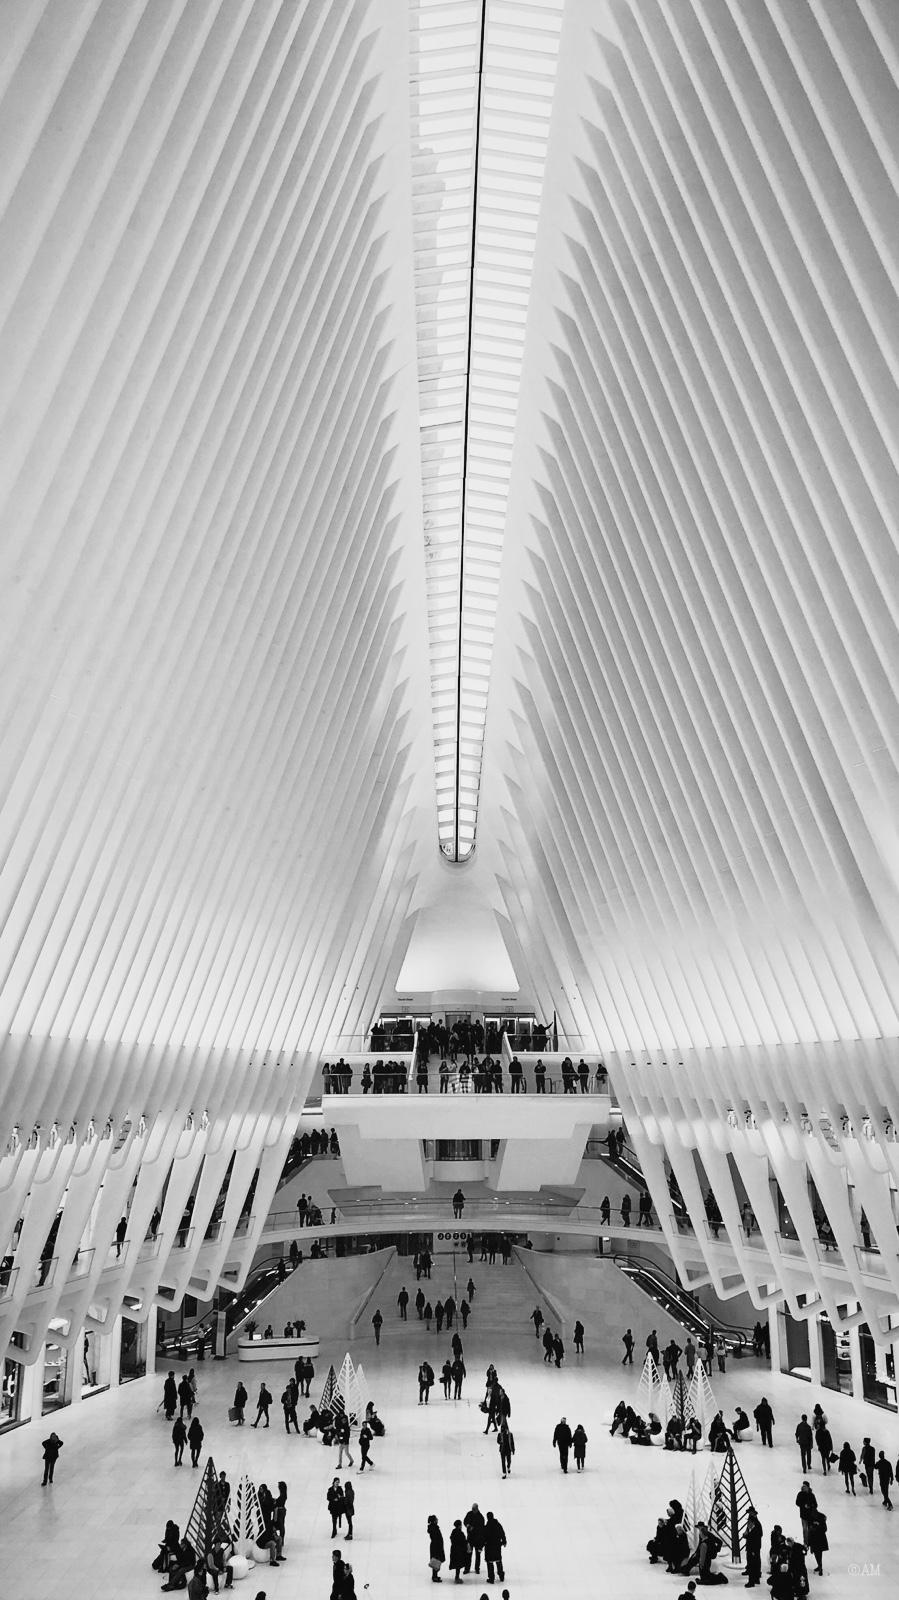 Inside the World Trade Center Transportation Hub.